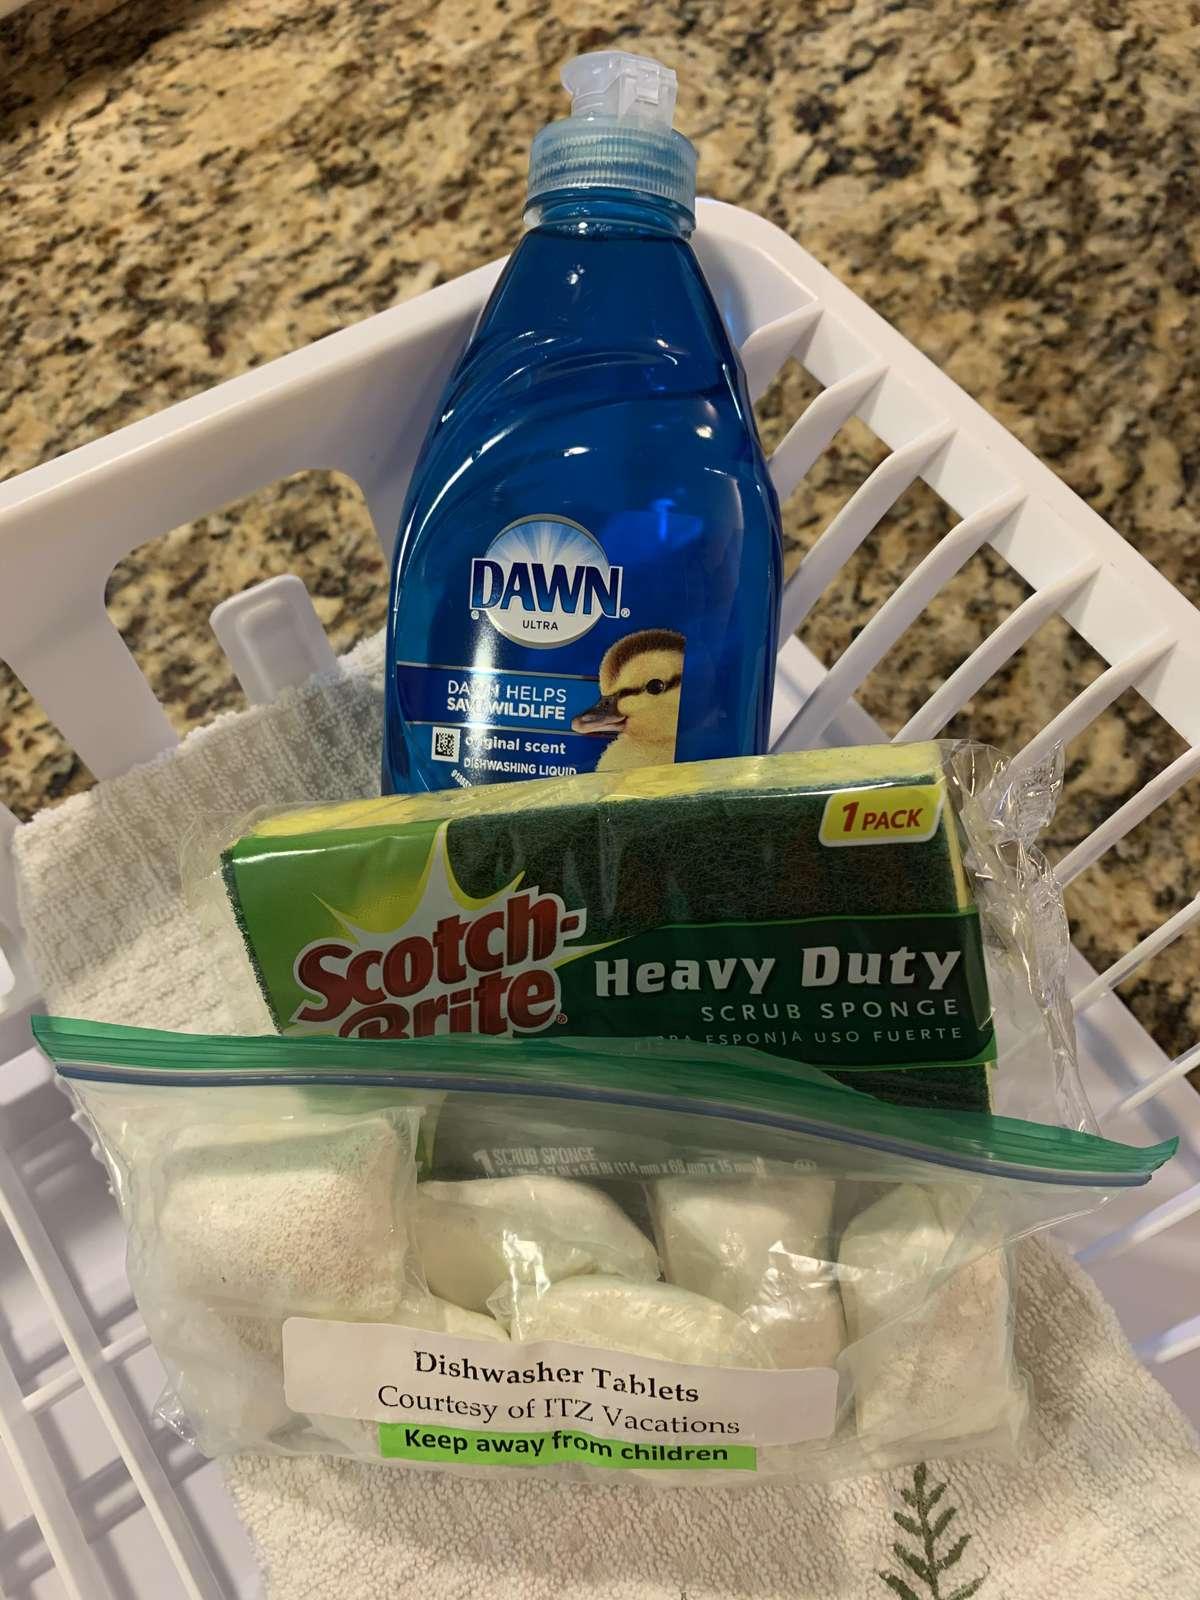 Dish washing starter kit